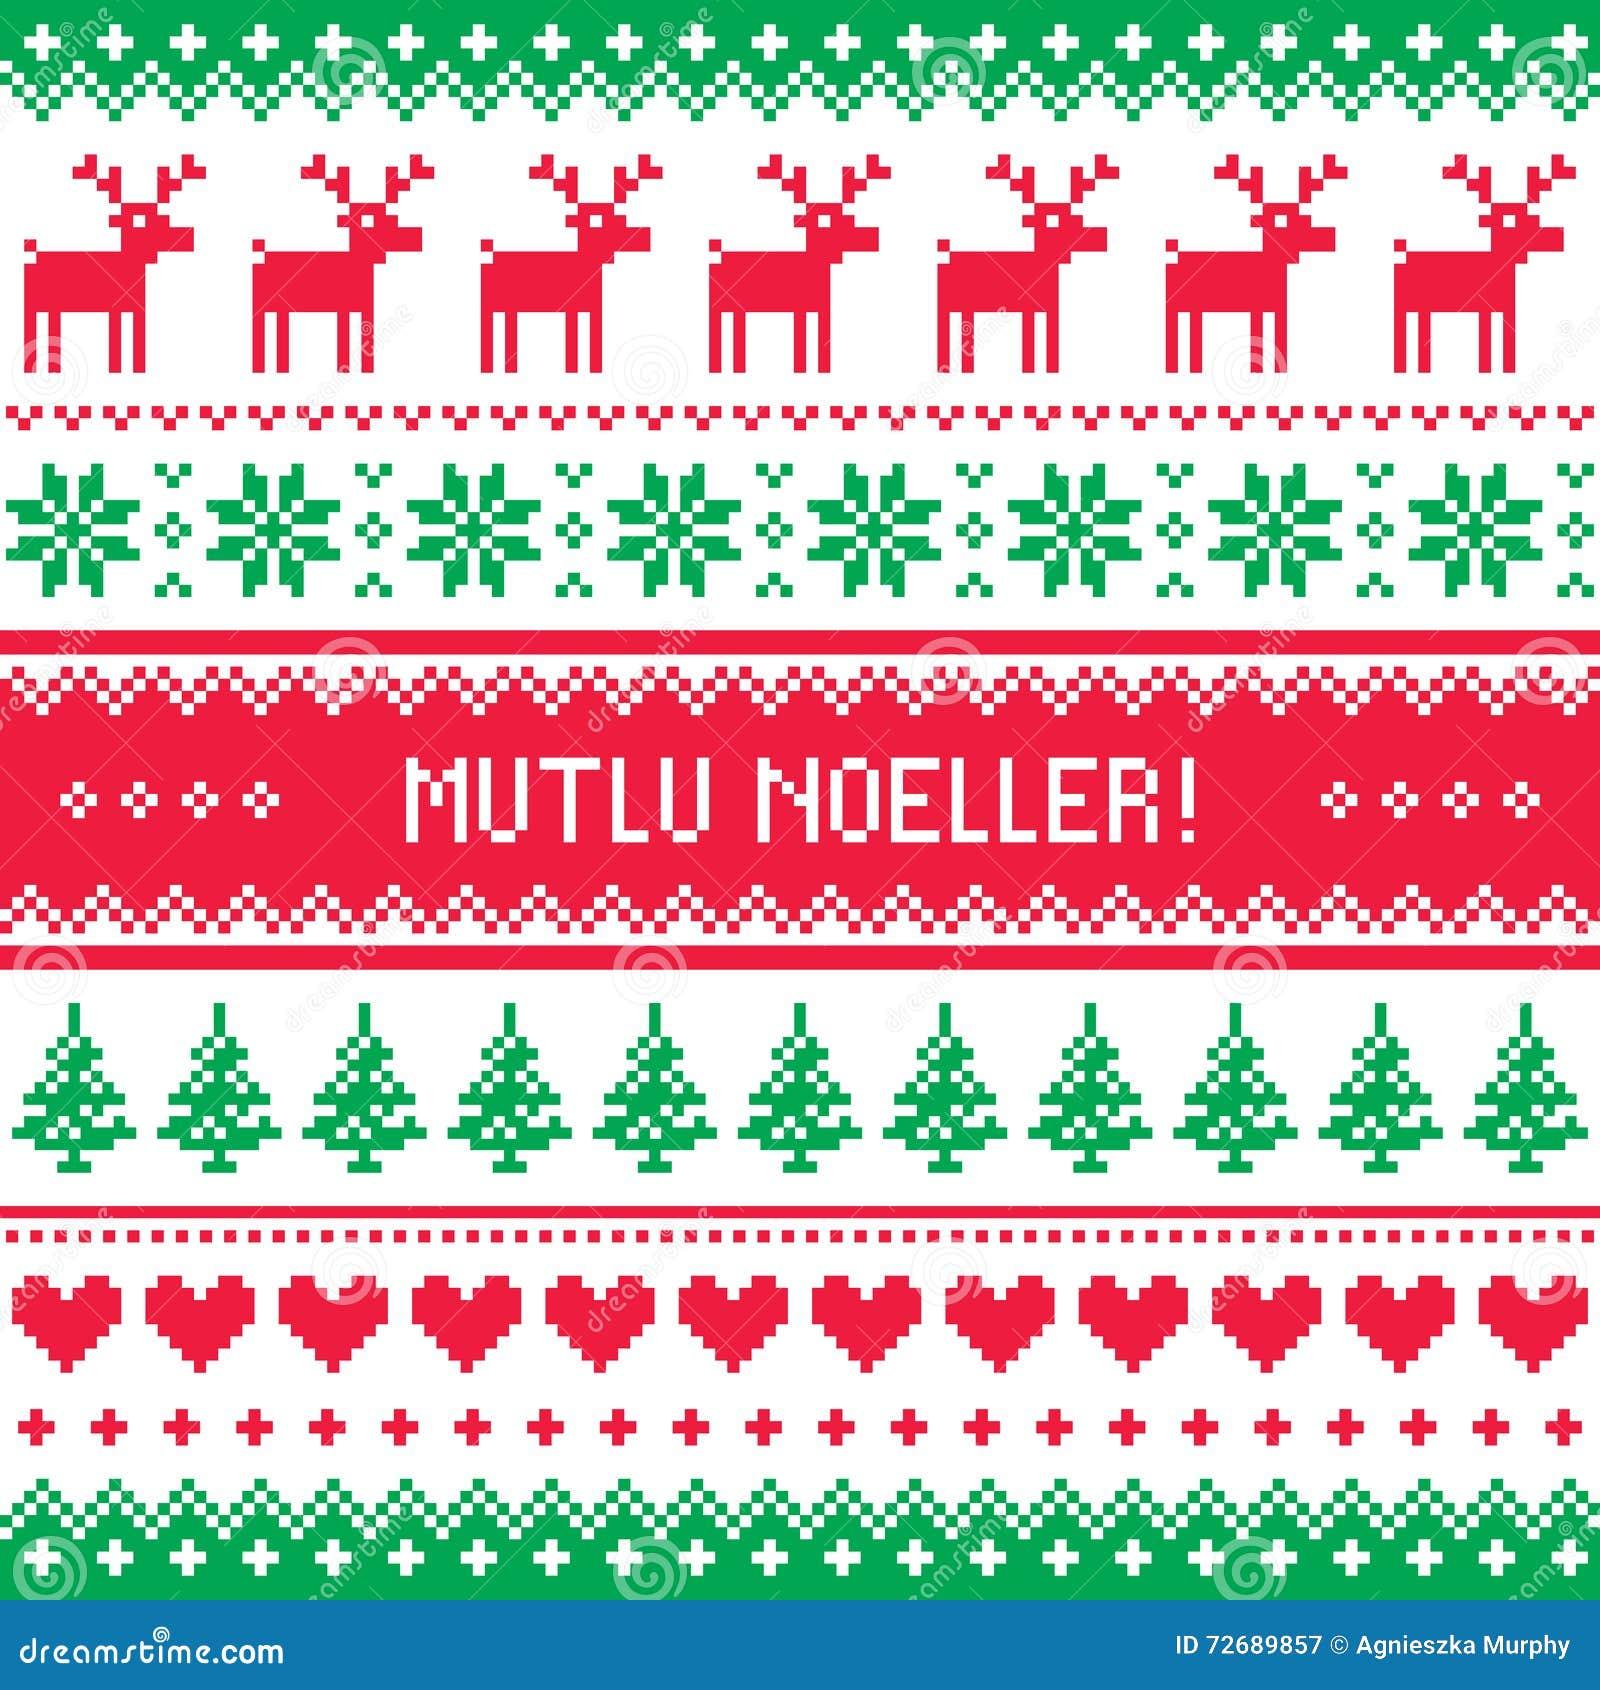 Merry Christmas In Turkish - Mutlu Noeller Pattern Stock ...